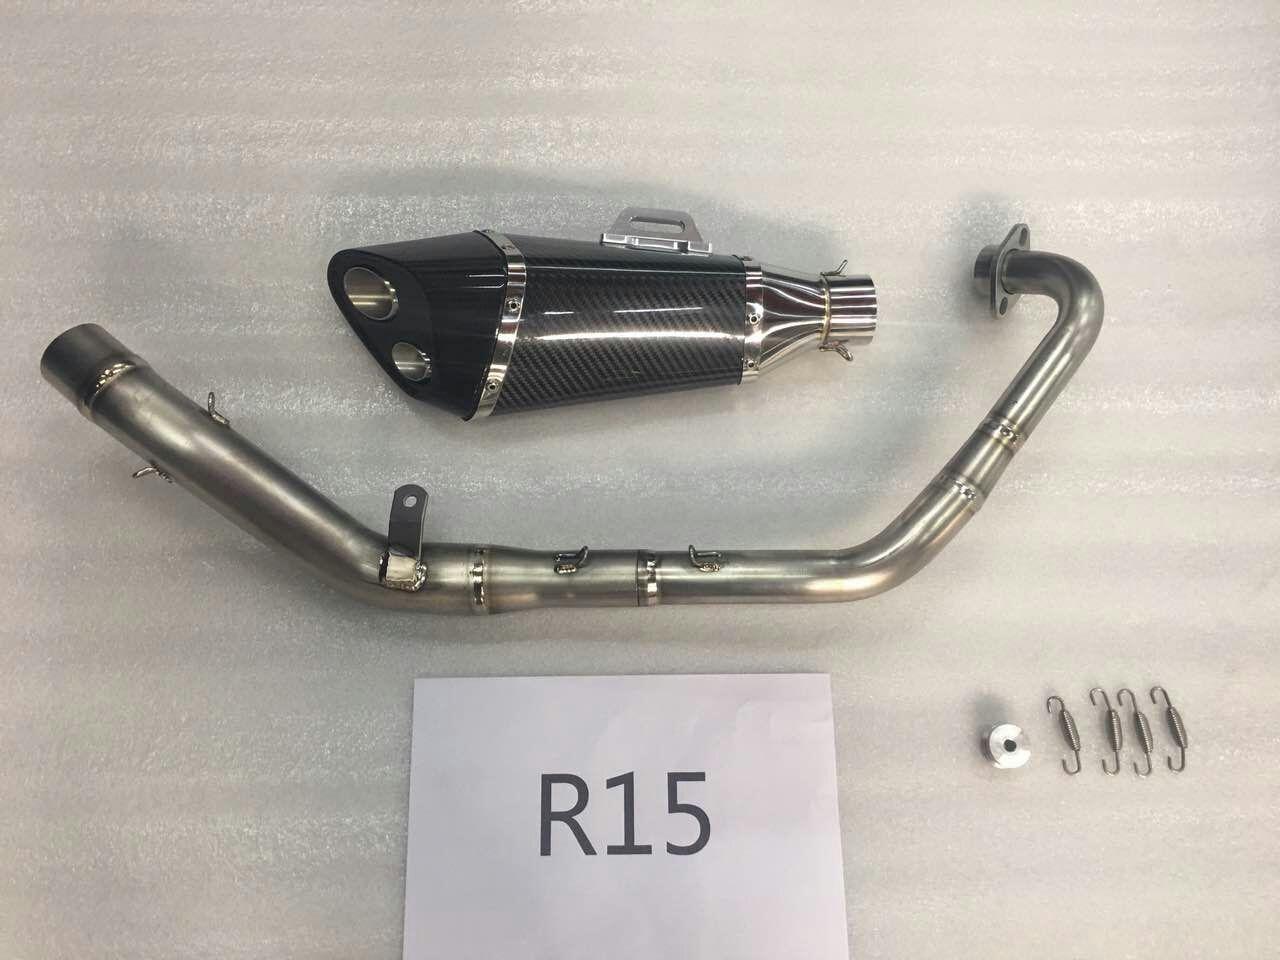 雅马哈R15改装摩托车钛合金碳纤维排气管消声器